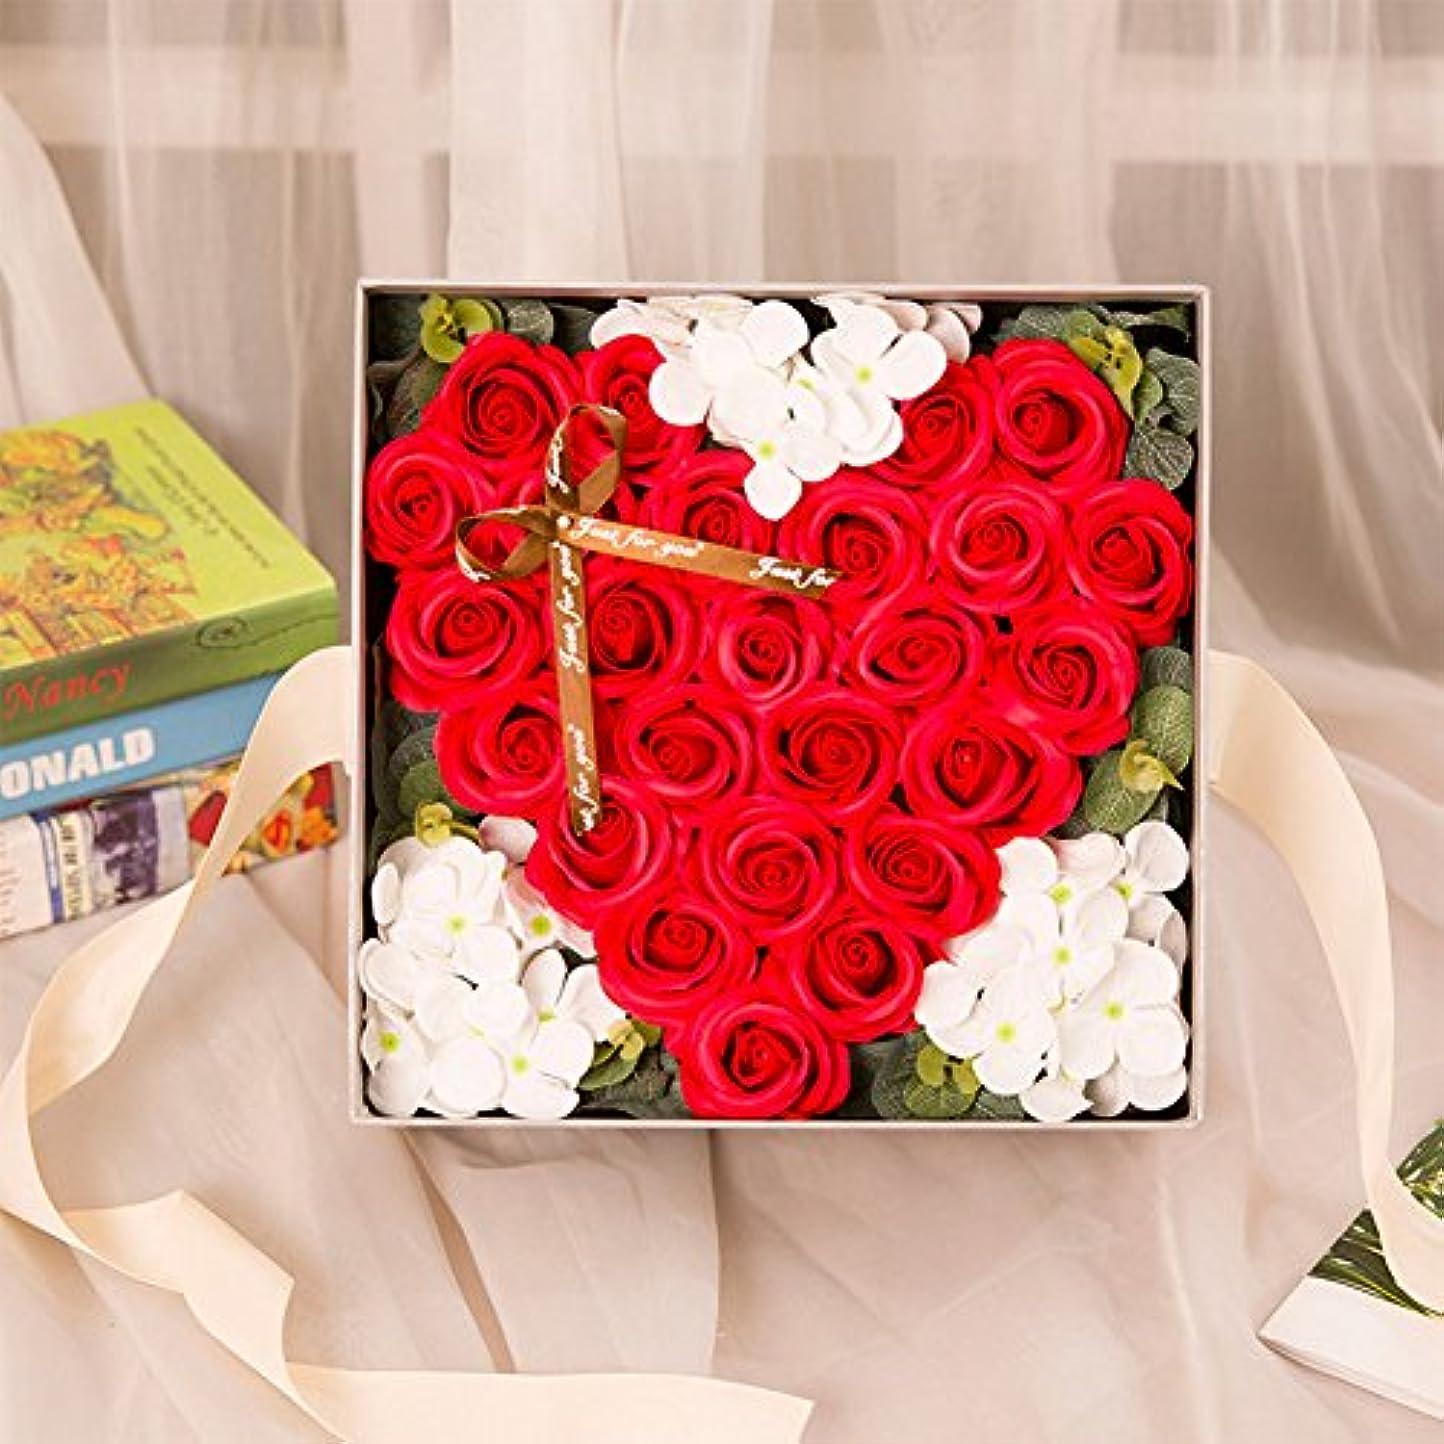 スカープストラップ東ティモールRaiFu クリエイティブ シミュレーションローズ手作り石鹸 ギフトボックスホームデコレーション ユニークなギフト 赤い桃の心